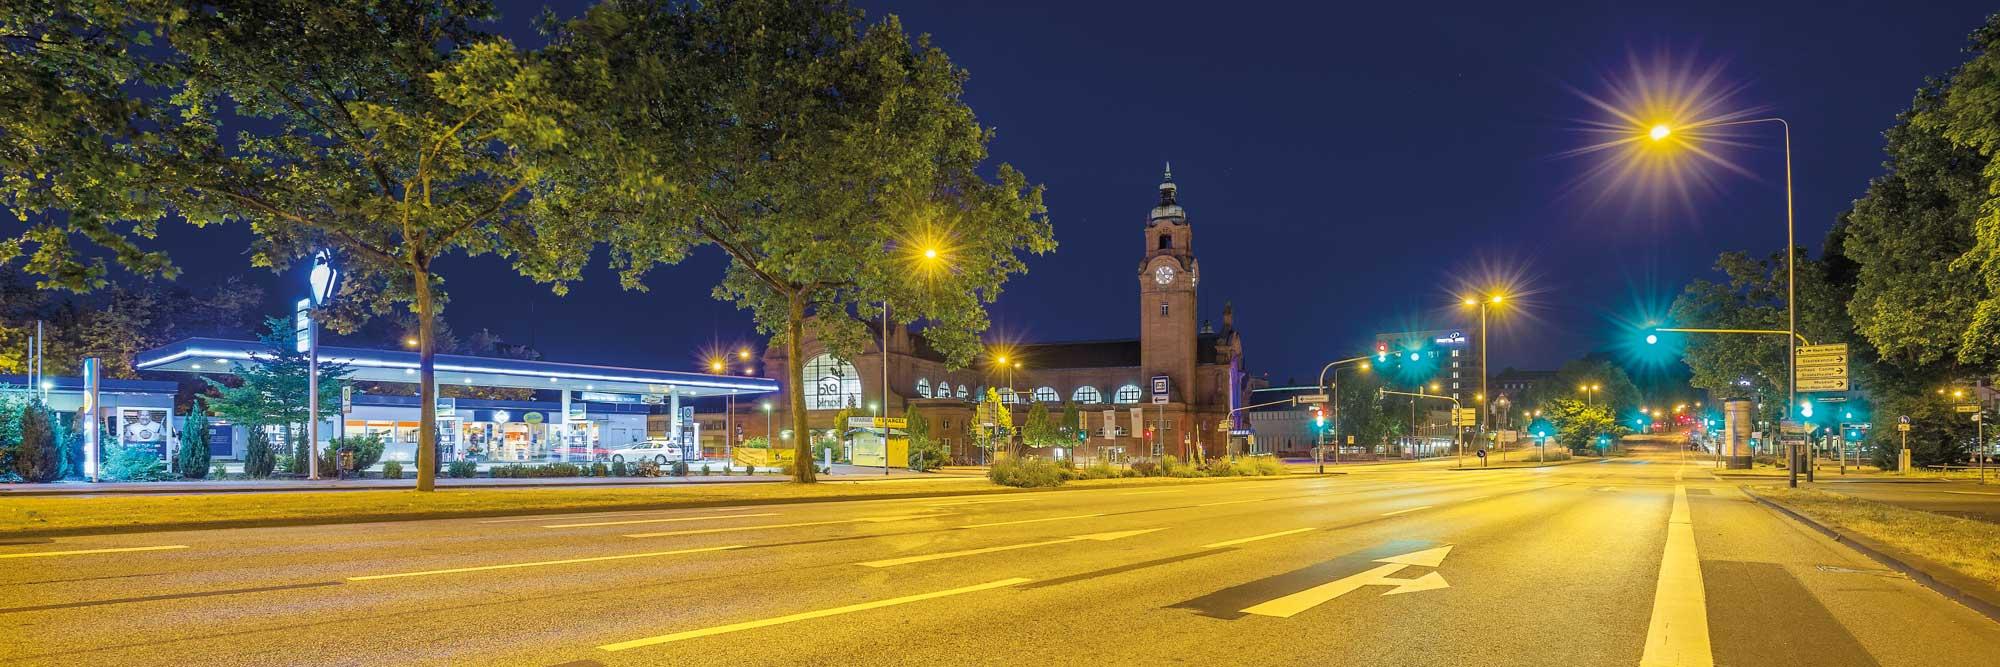 05-Hauptbahnhof-Wiesbaden-um-5vor4